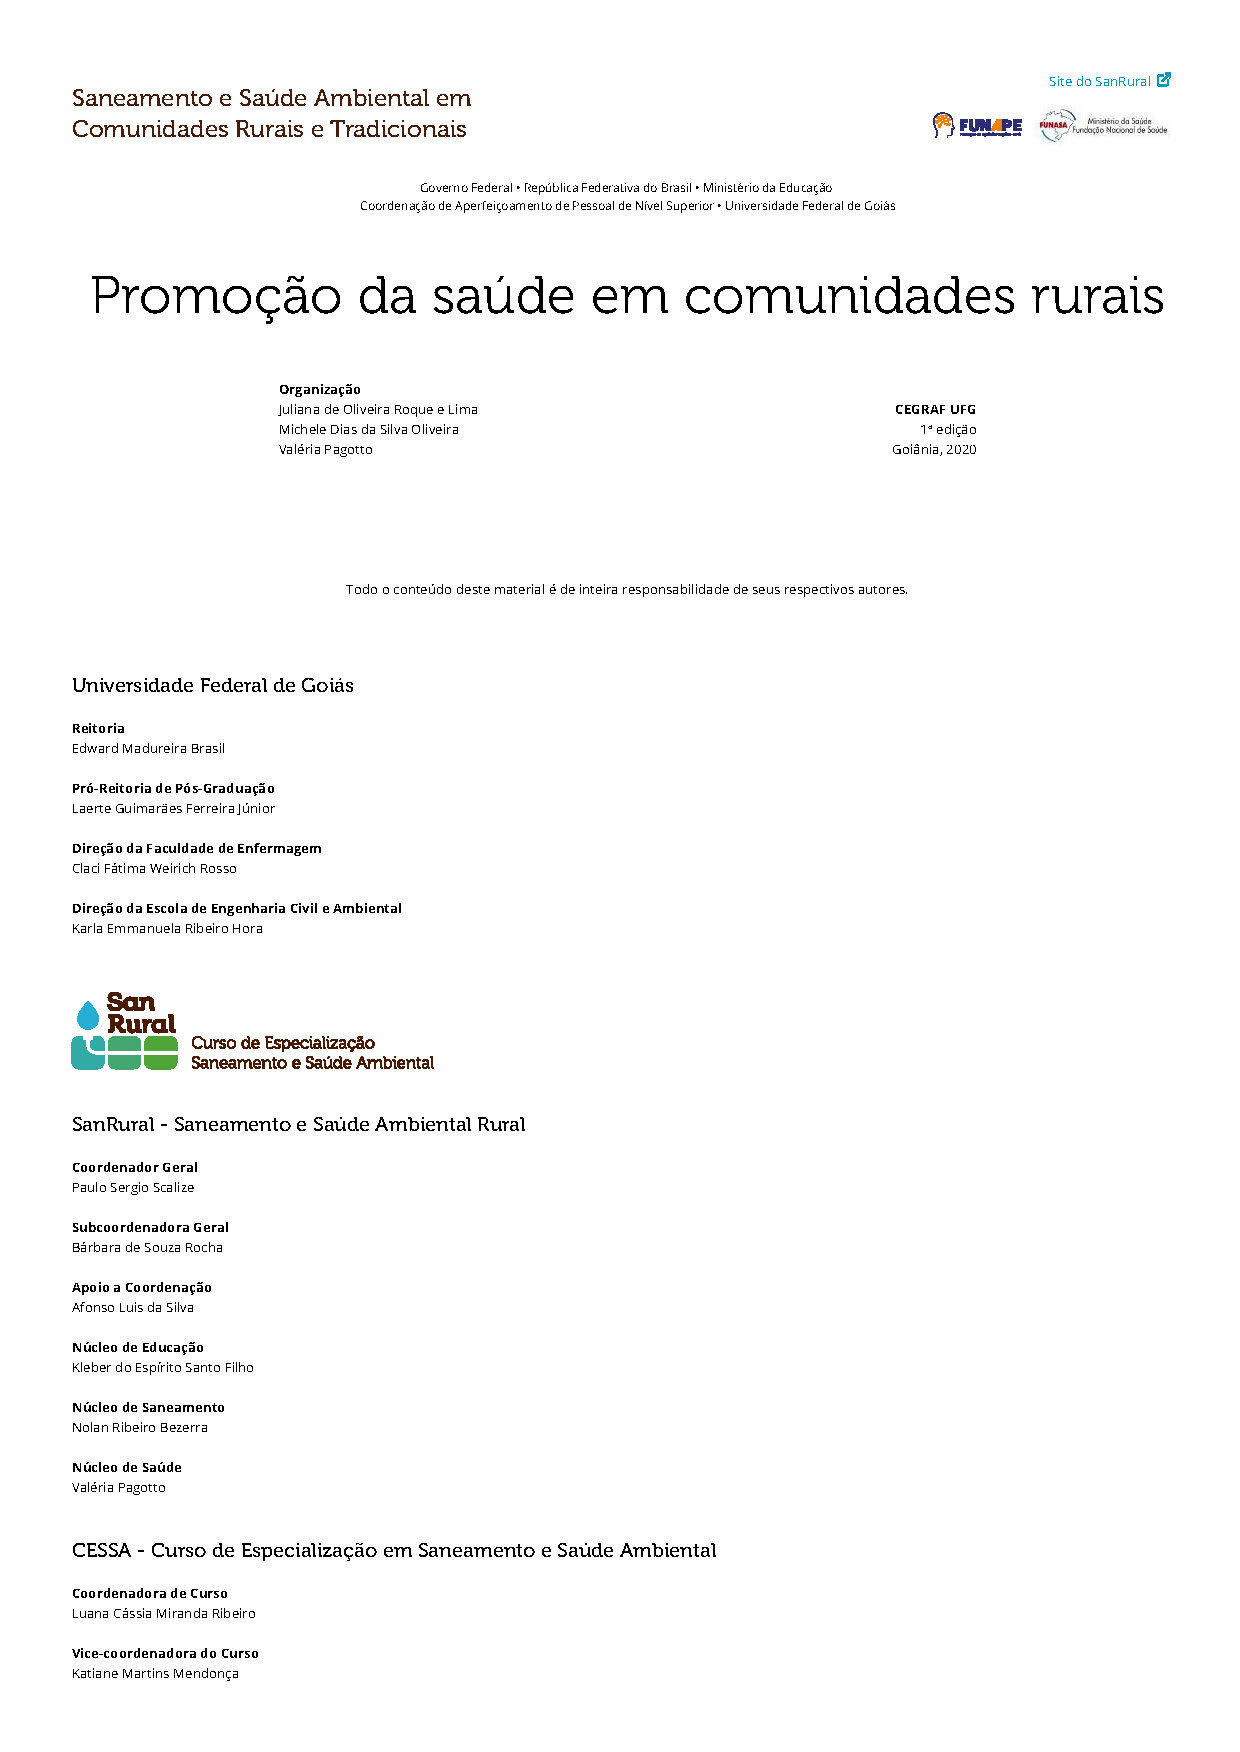 Promoção da saúde em comunidades rurais